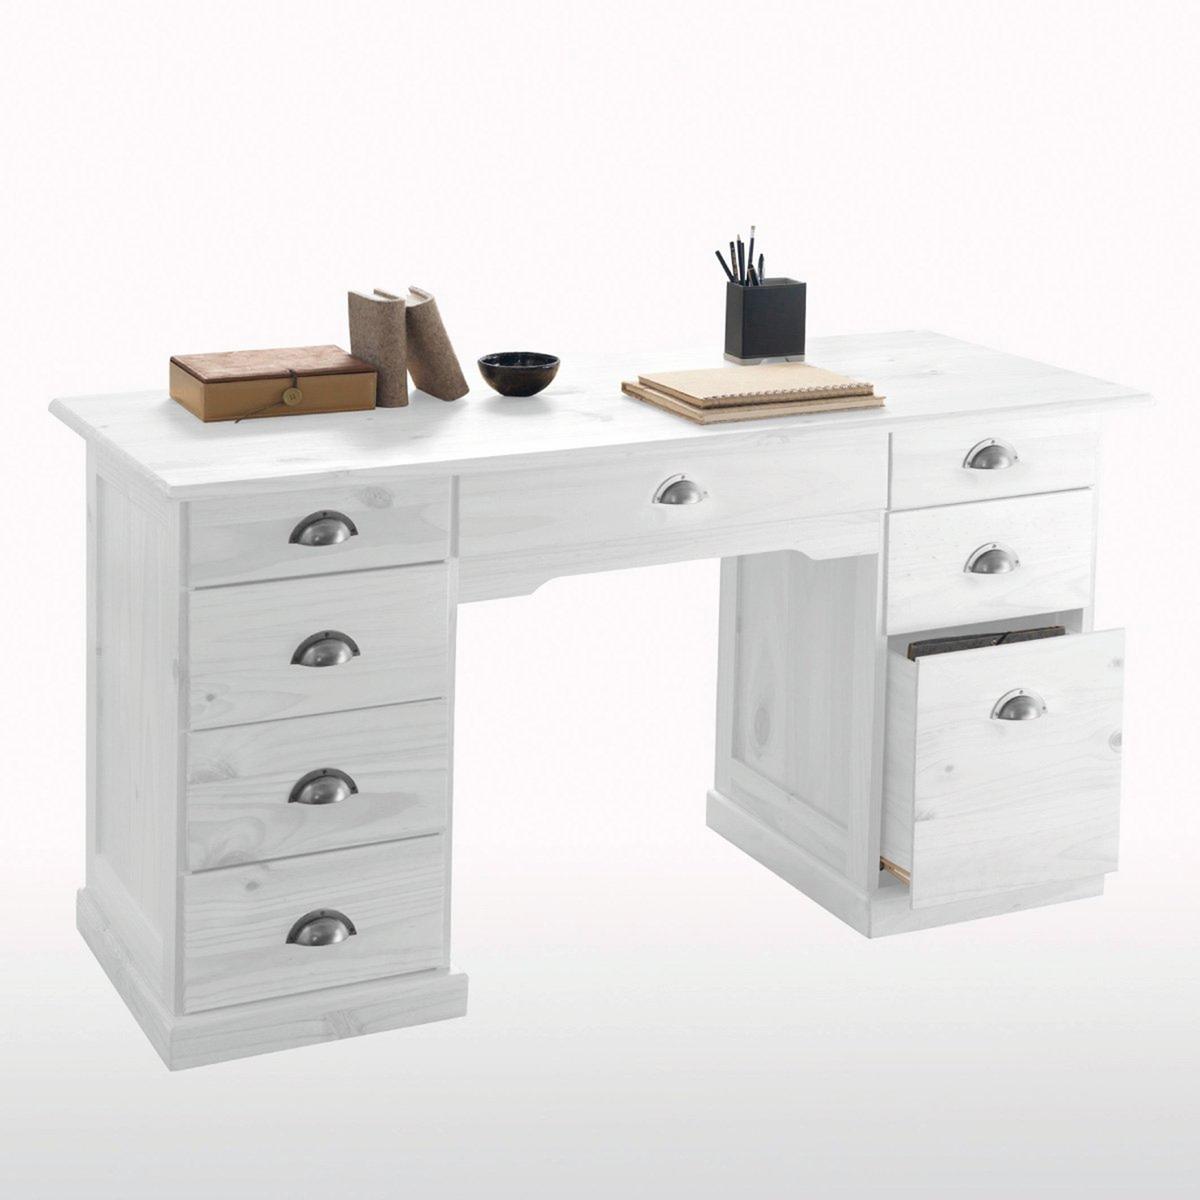 Стол письменный из массива сосны Betta стол письменный из массива сосны окраска под тик derry